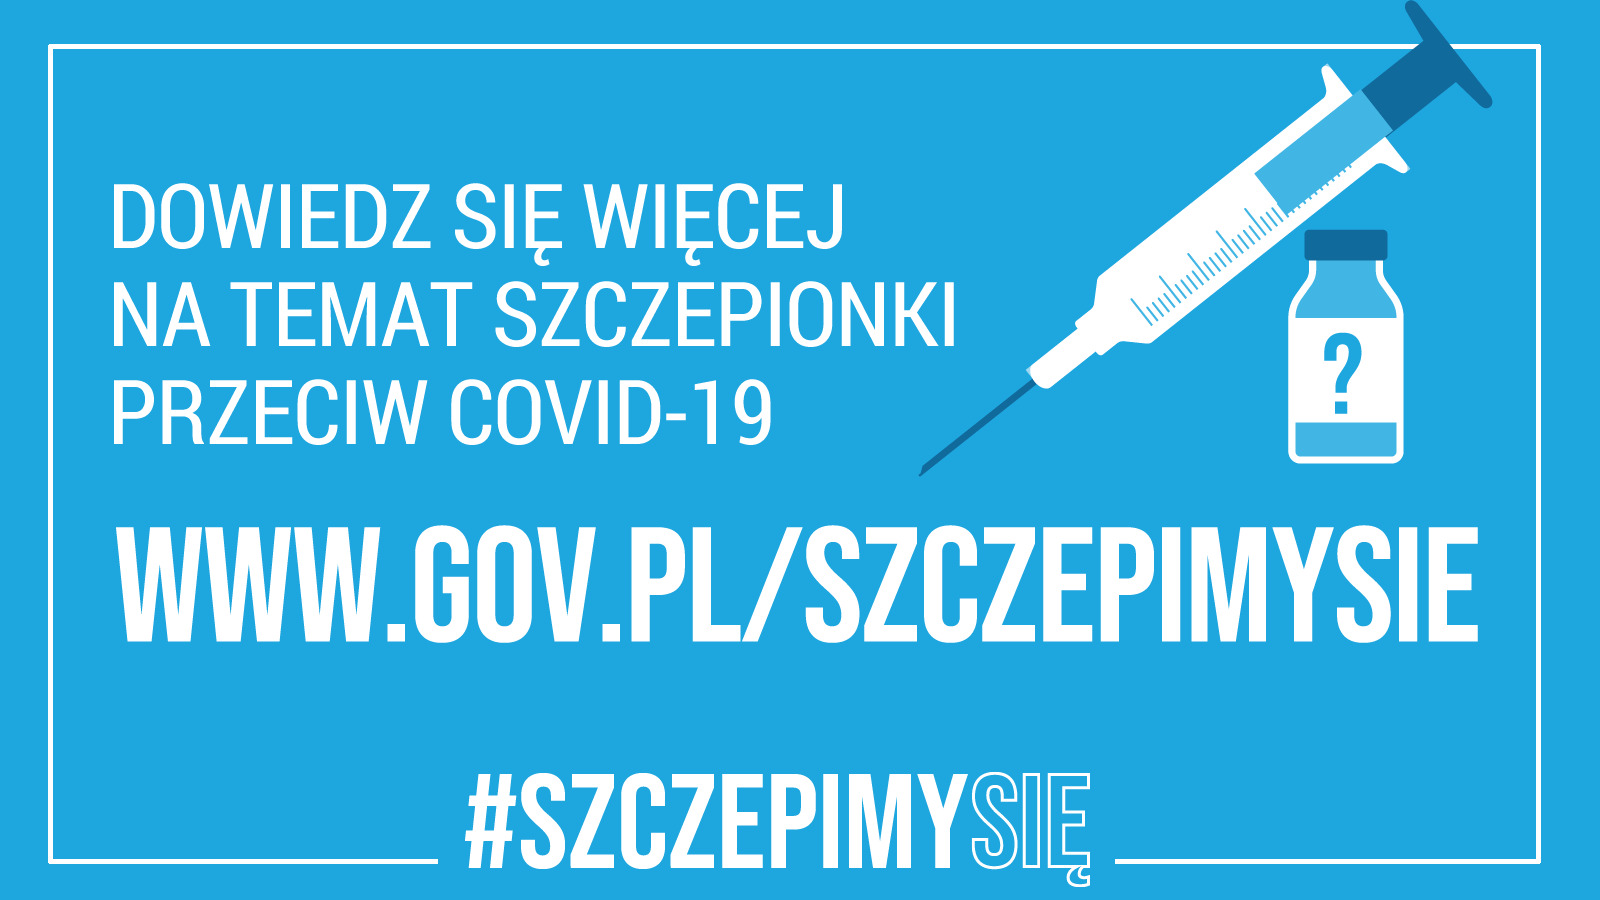 Dowiedz się więcej na temat szczepionki przeciw COVID-19, www.gov.pl/szczepimysie